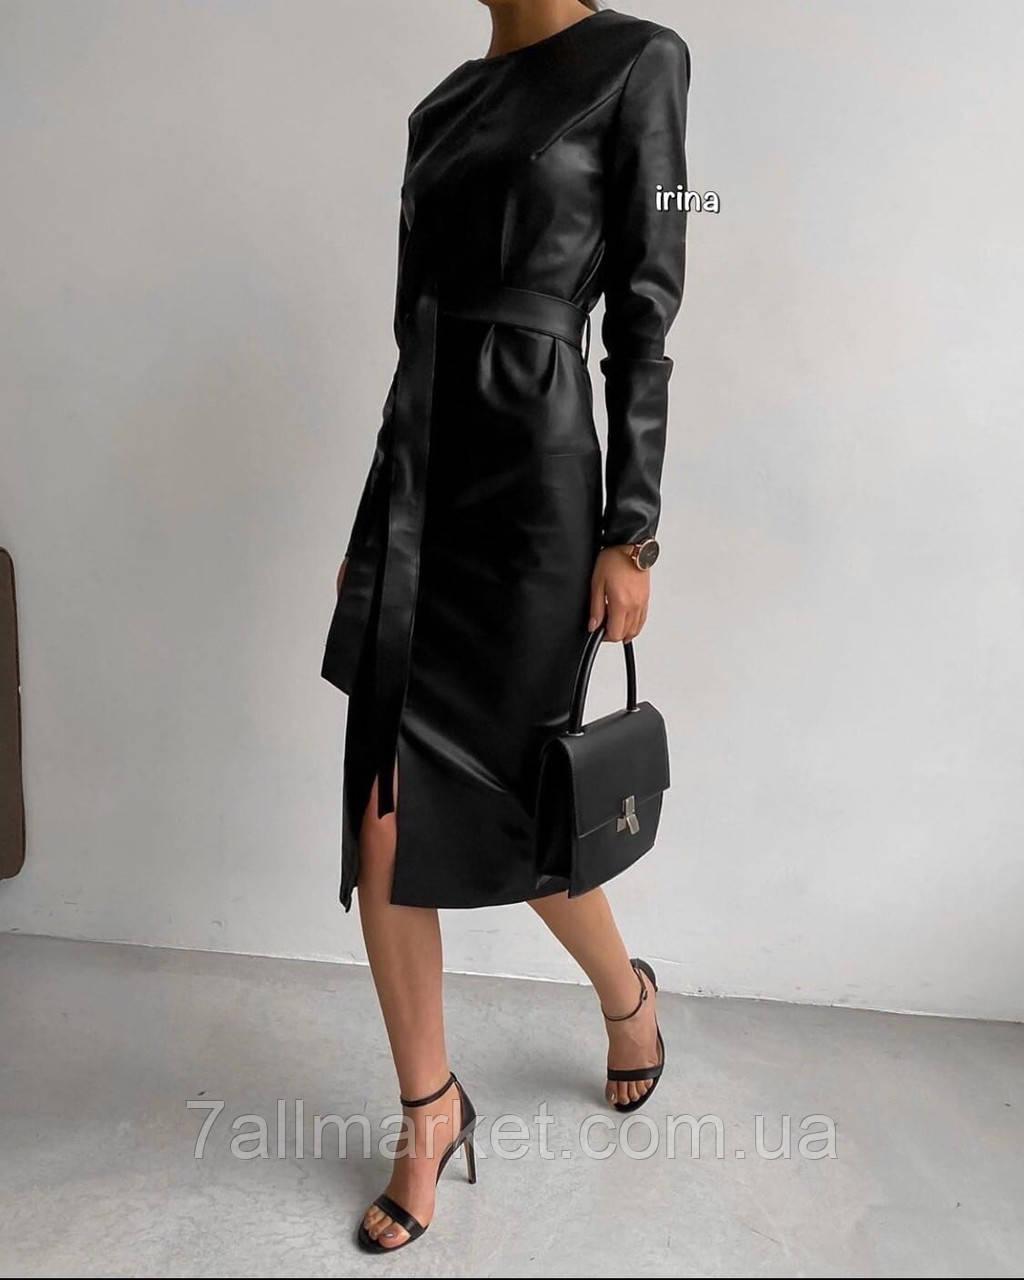 """Платье женское стильное эко-кожа с поясом, размеры S-L """"IRINA"""" купить недорого от прямого поставщика"""